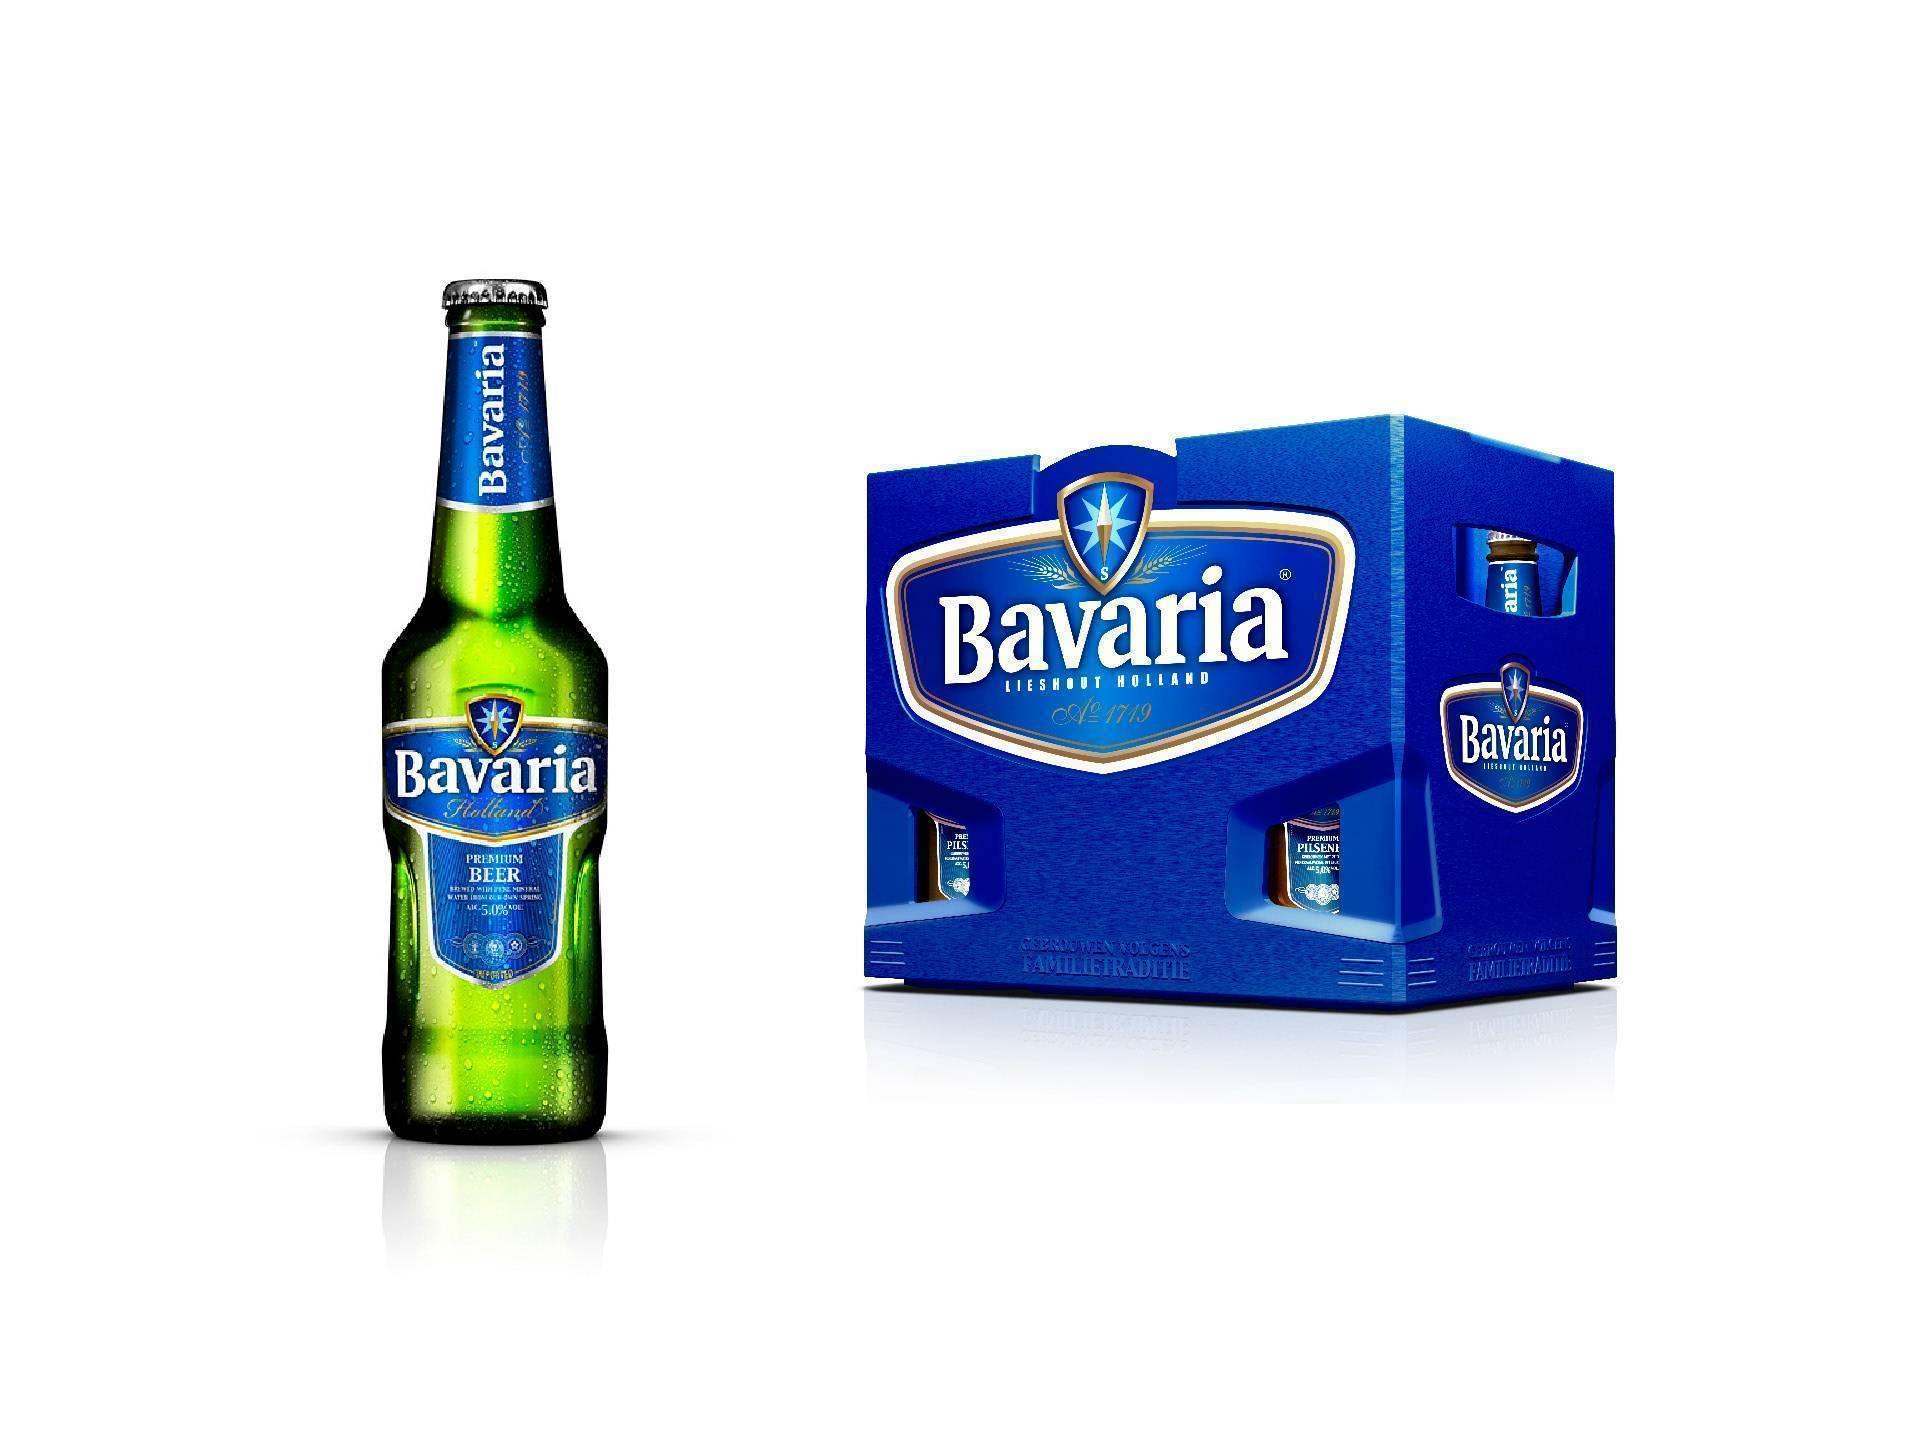 Пиво крушовице (krušovice) — особенности производства, стоимость напитка и отзывы потребителей